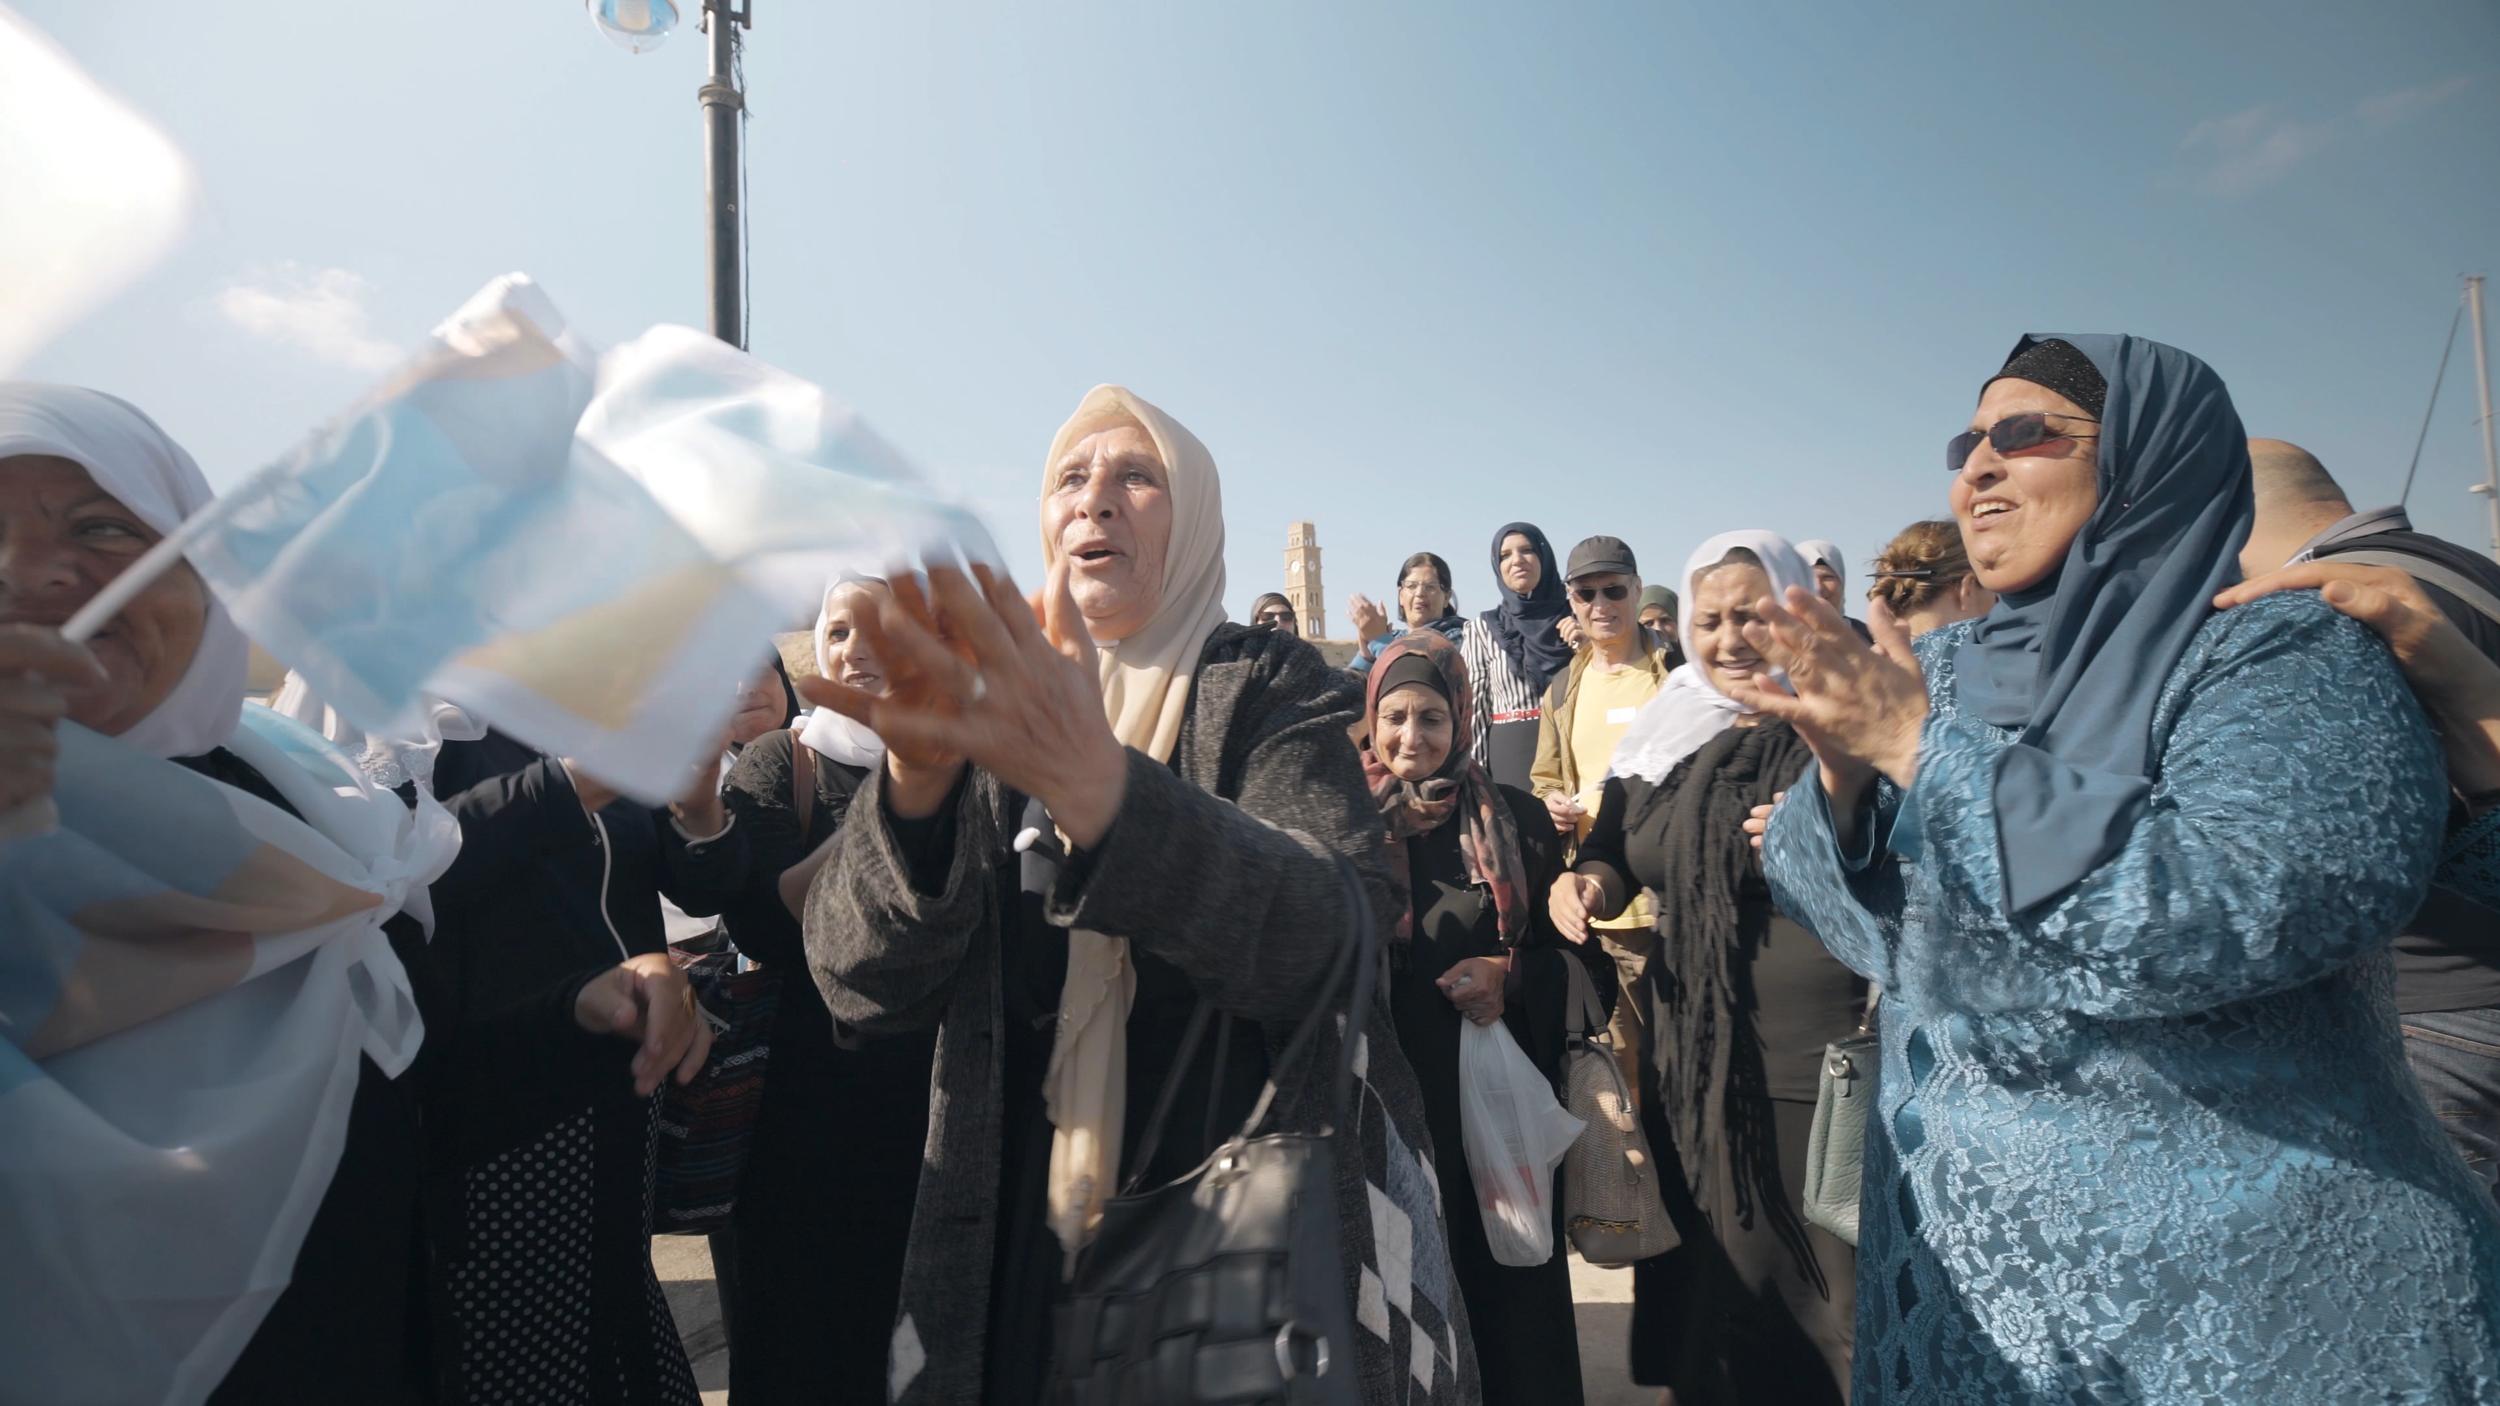 Copy of Druze women cheering